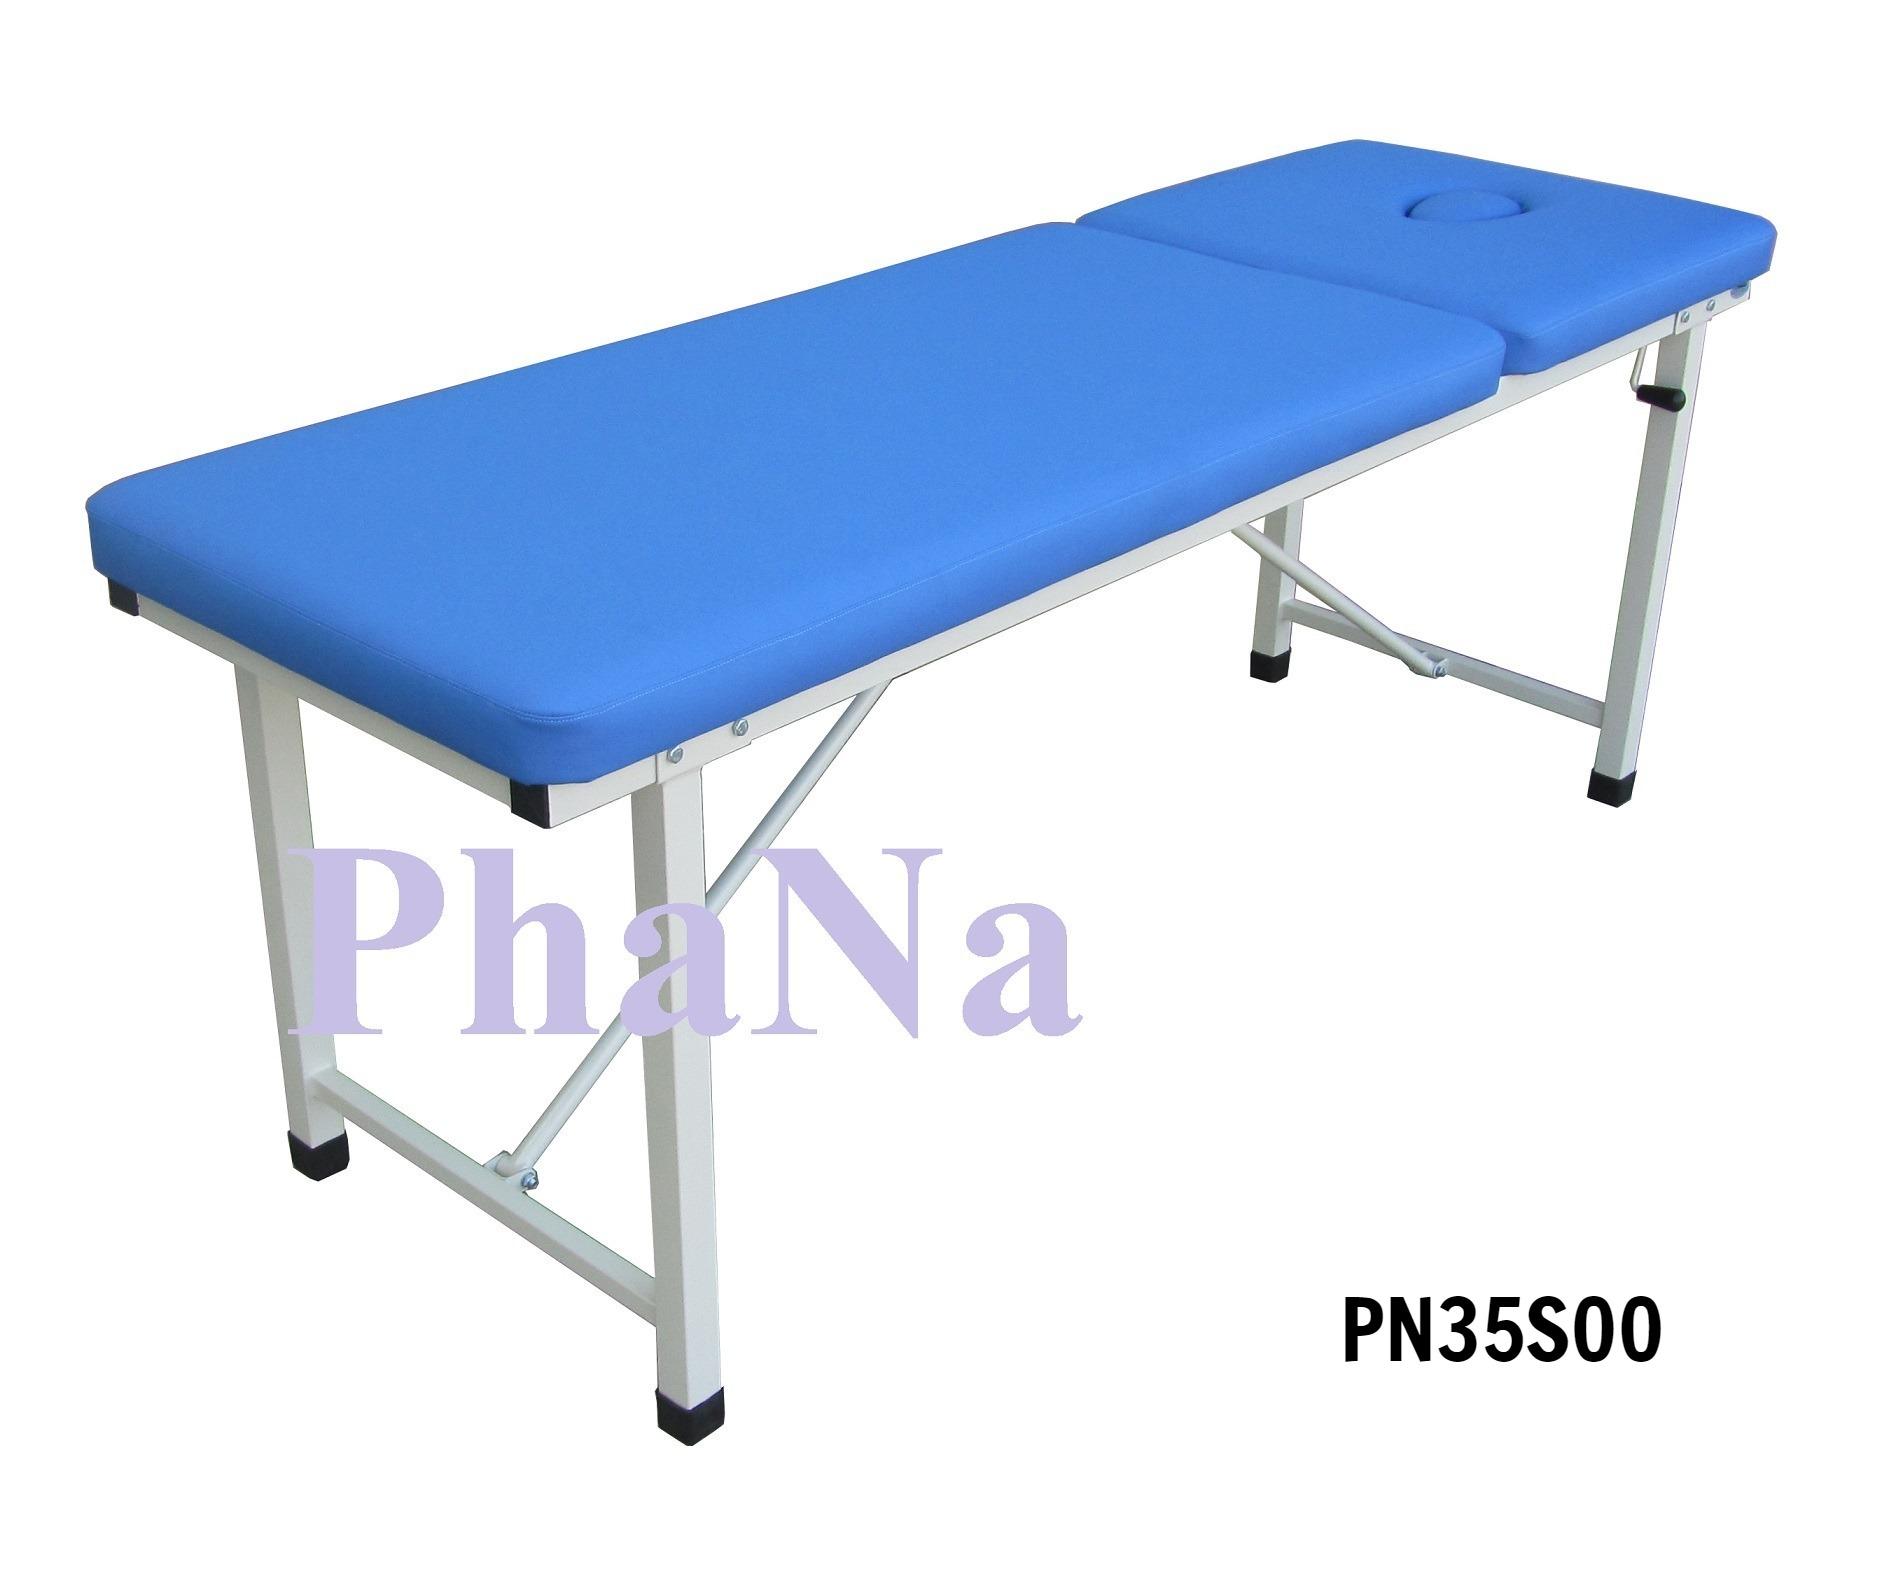 PN35S00 - Giường massage, tập PHCN